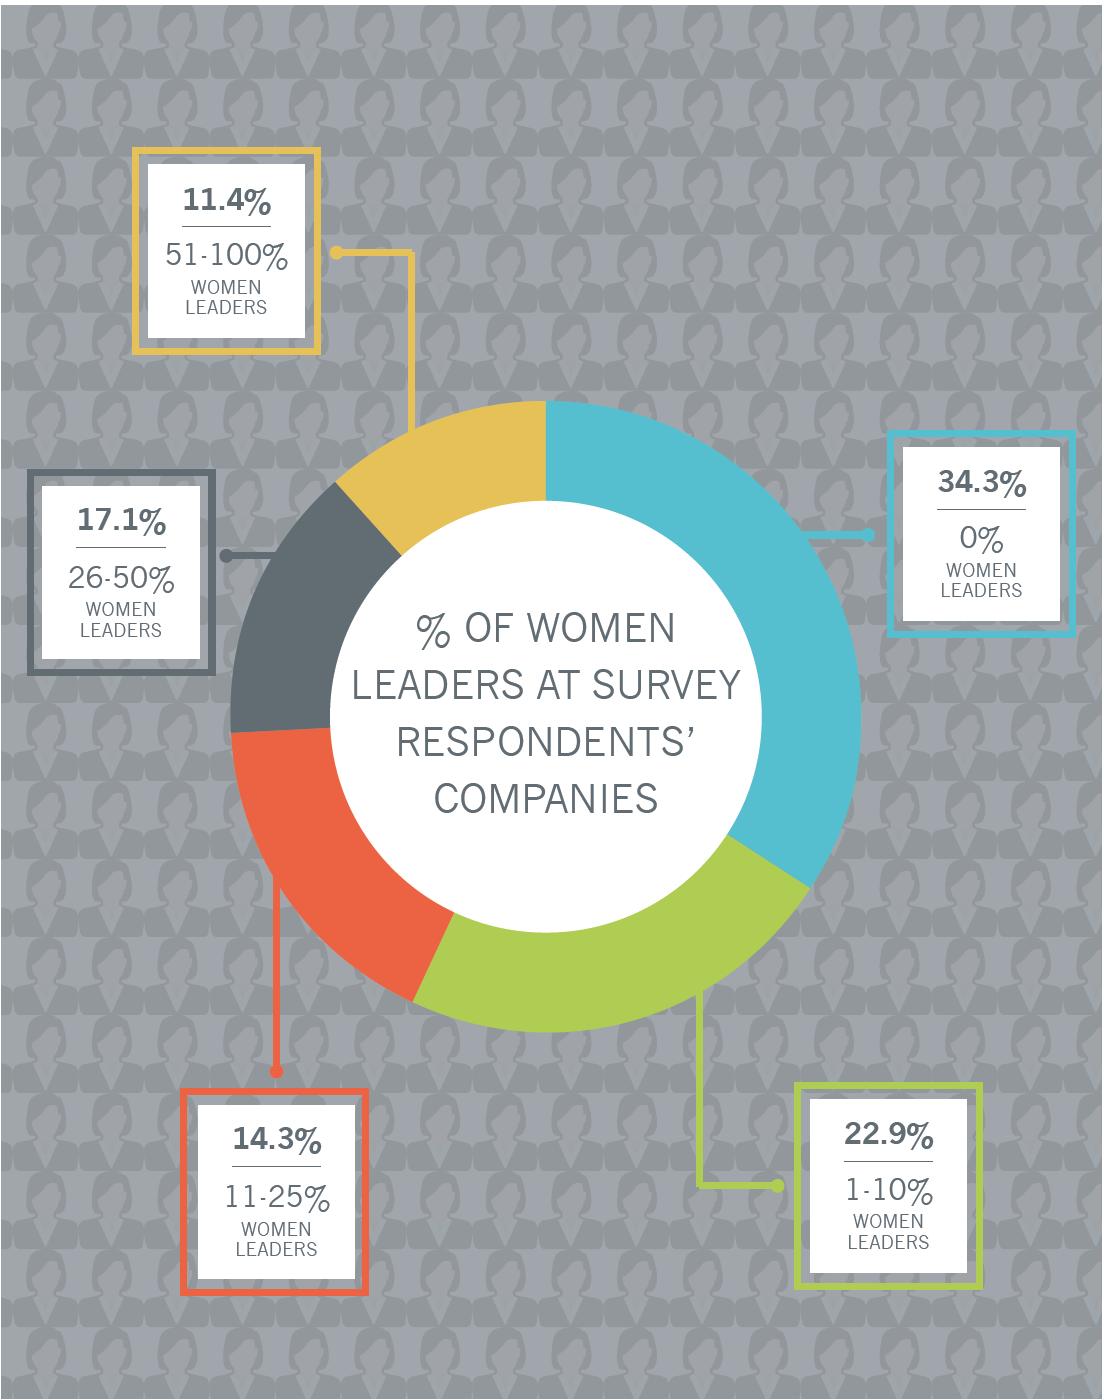 Percent Women Leaders